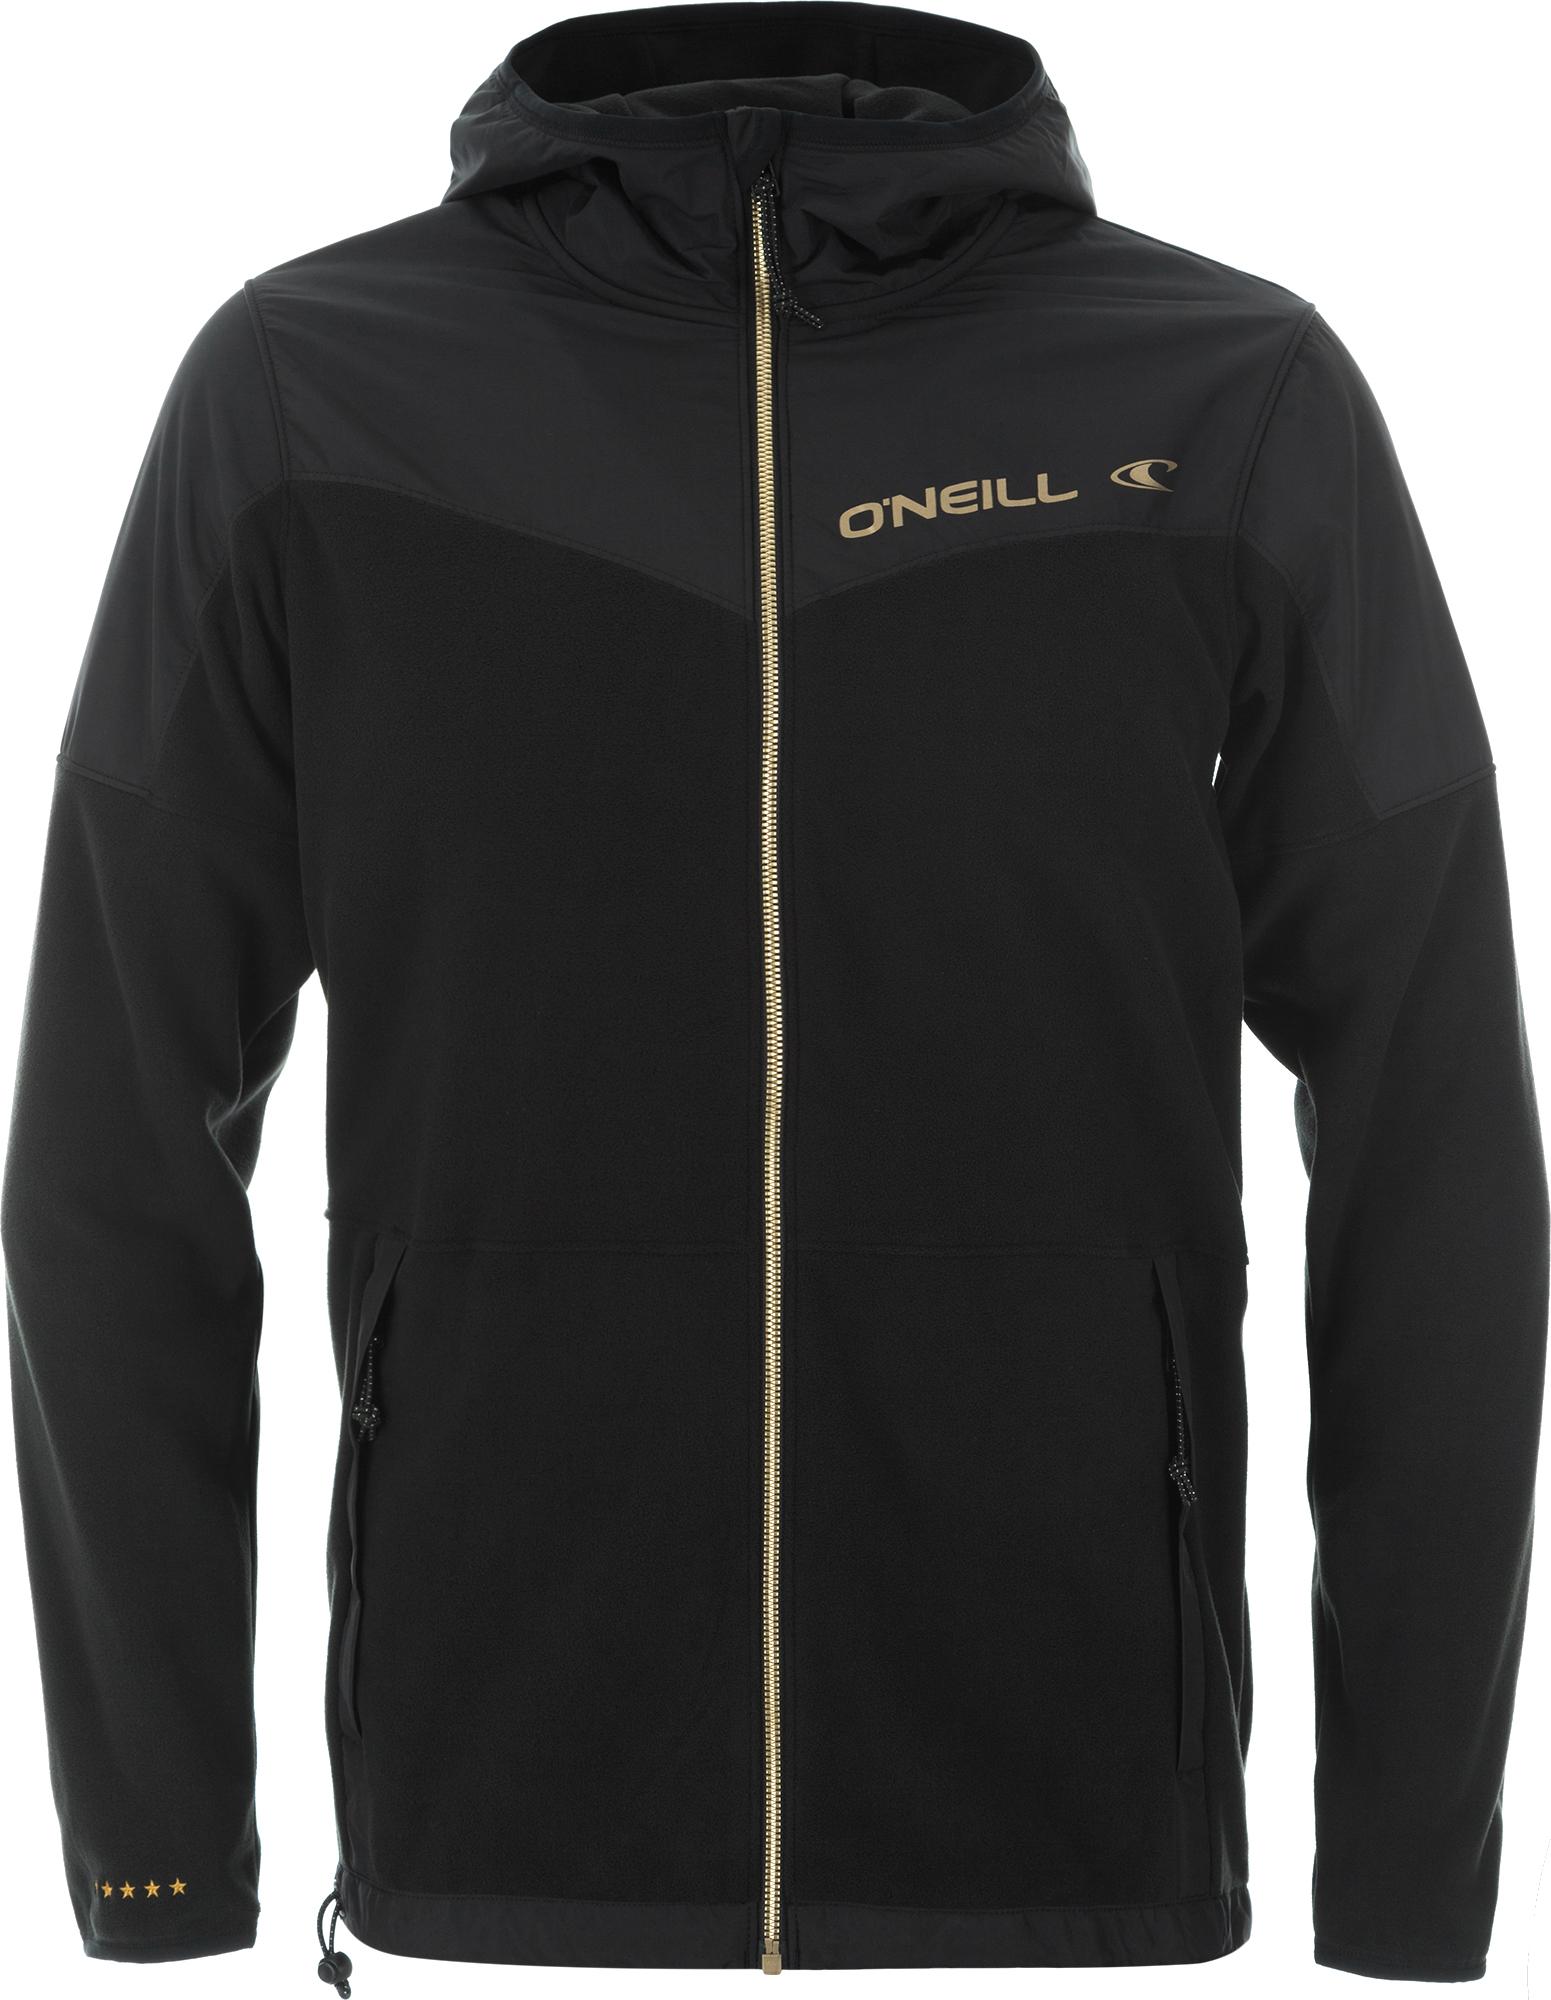 O'Neill Джемпер мужской O'Neill Olympic, размер 52-54